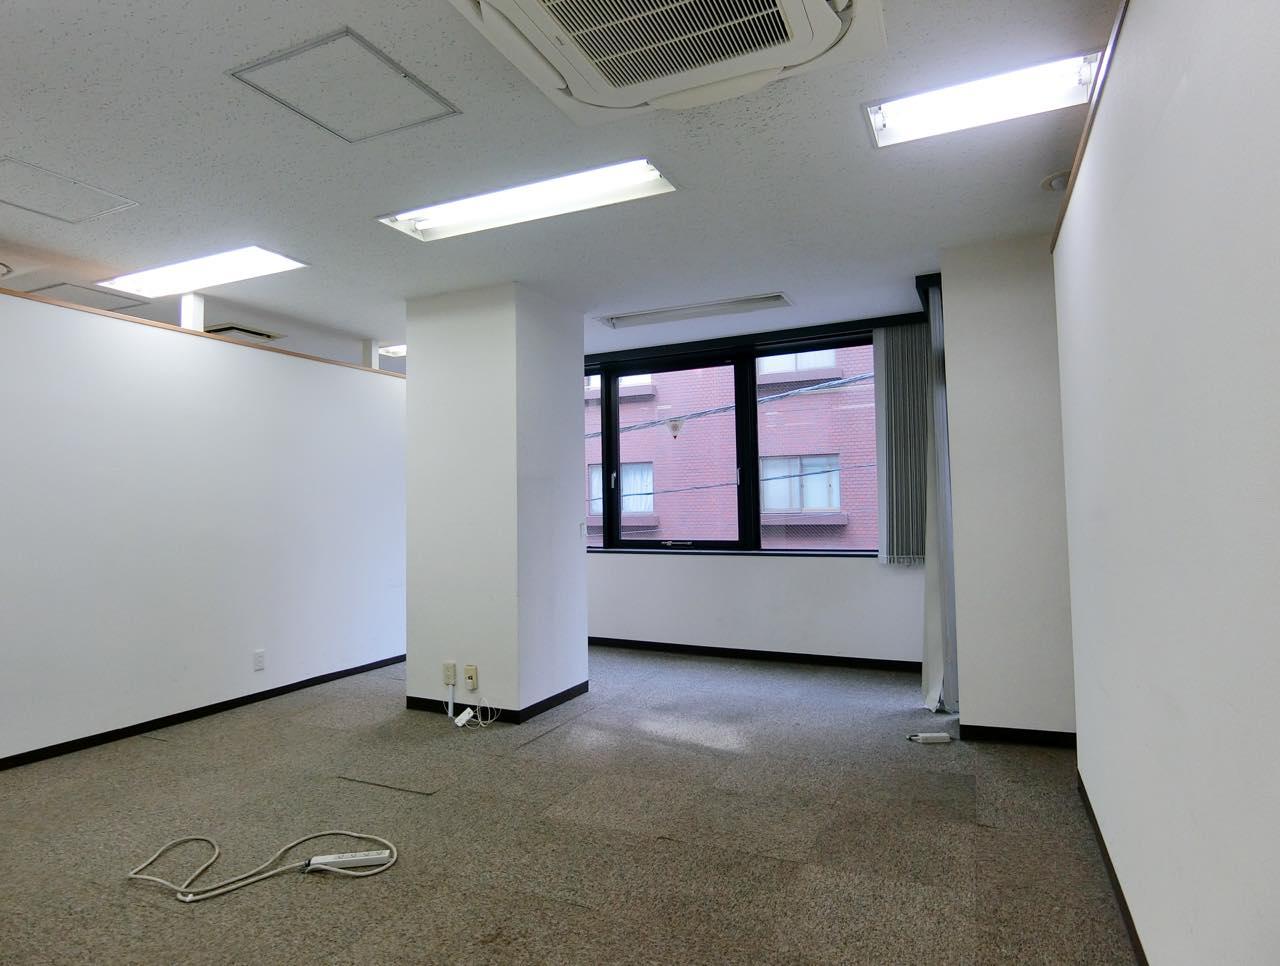 【居抜き】麹町、約40坪。駅チカ。<br>自由度の高い4部屋の造作付きオフィス